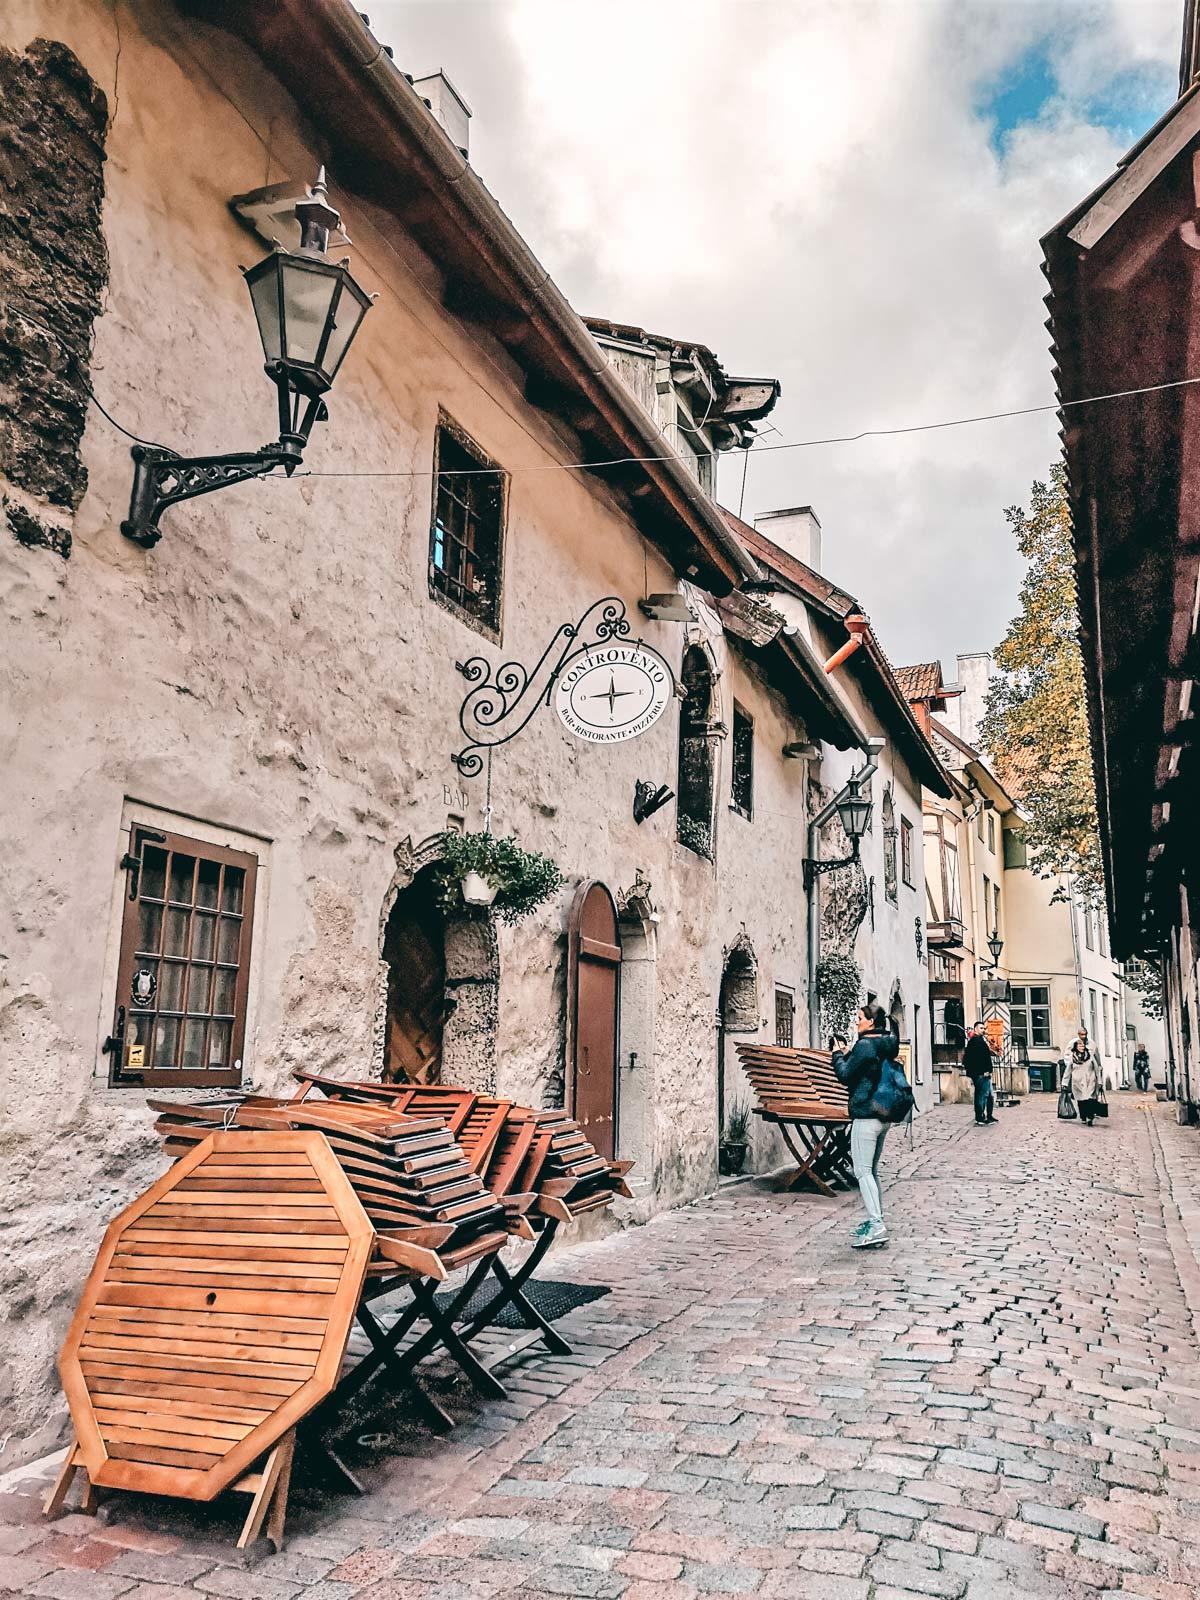 Katharinenpassage in Tallinn